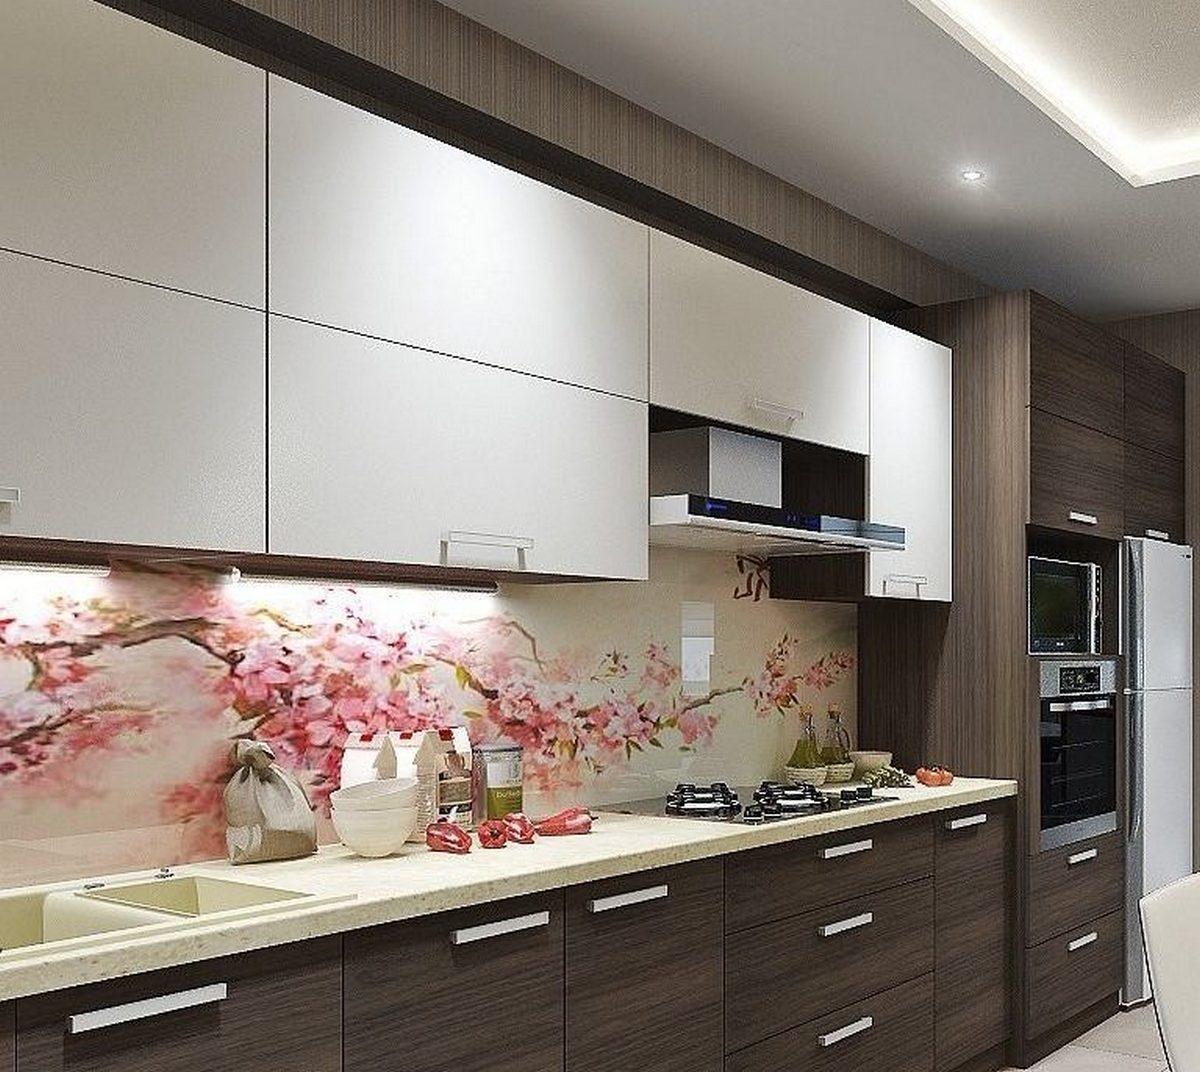 кухни в японском стиле фотогалерея